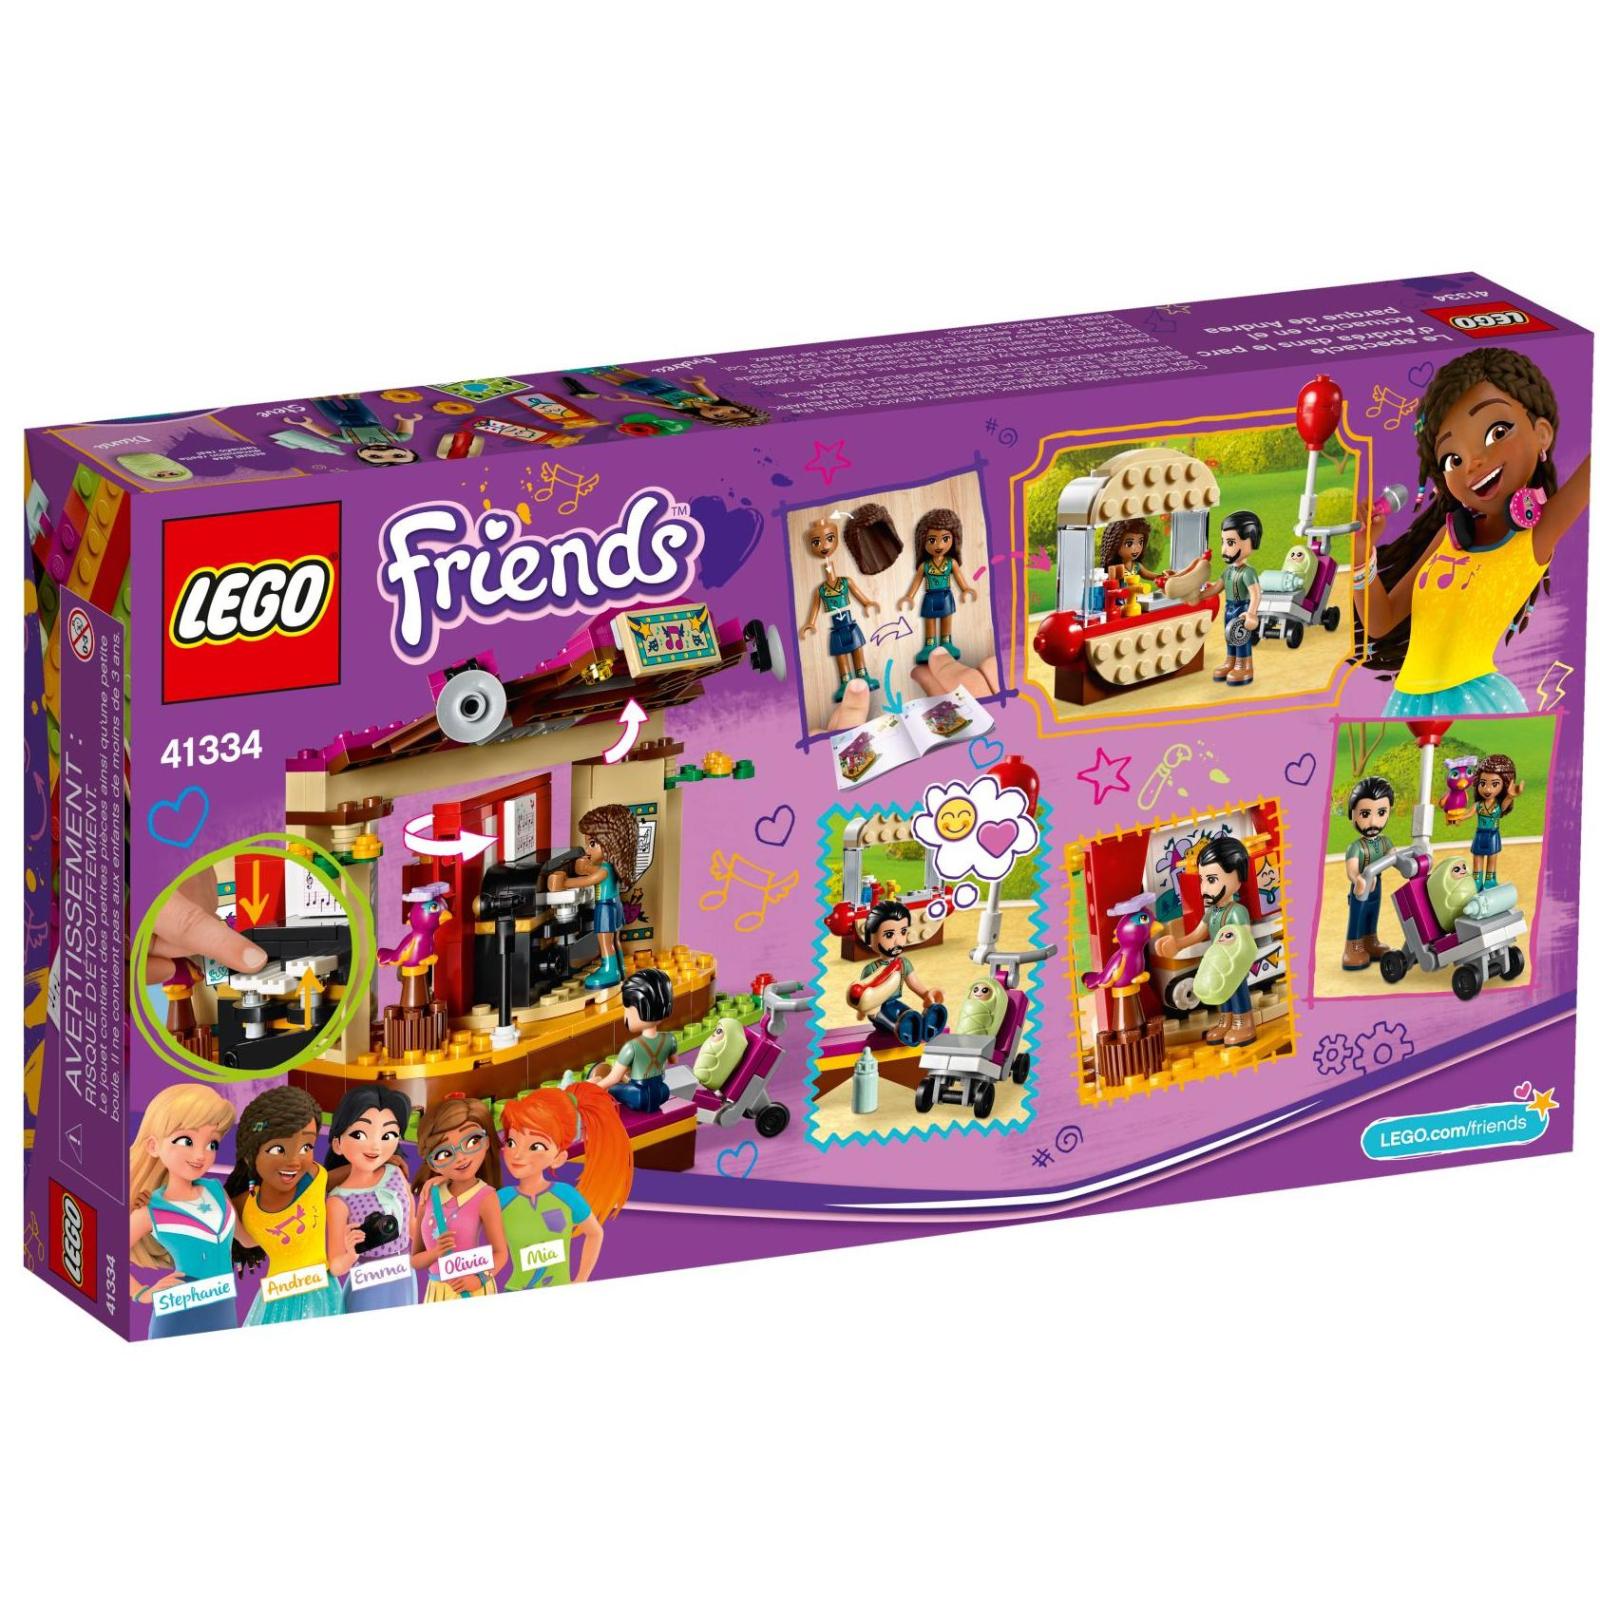 Конструктор LEGO Friends Выступление в парке Андреа (41334) изображение 11